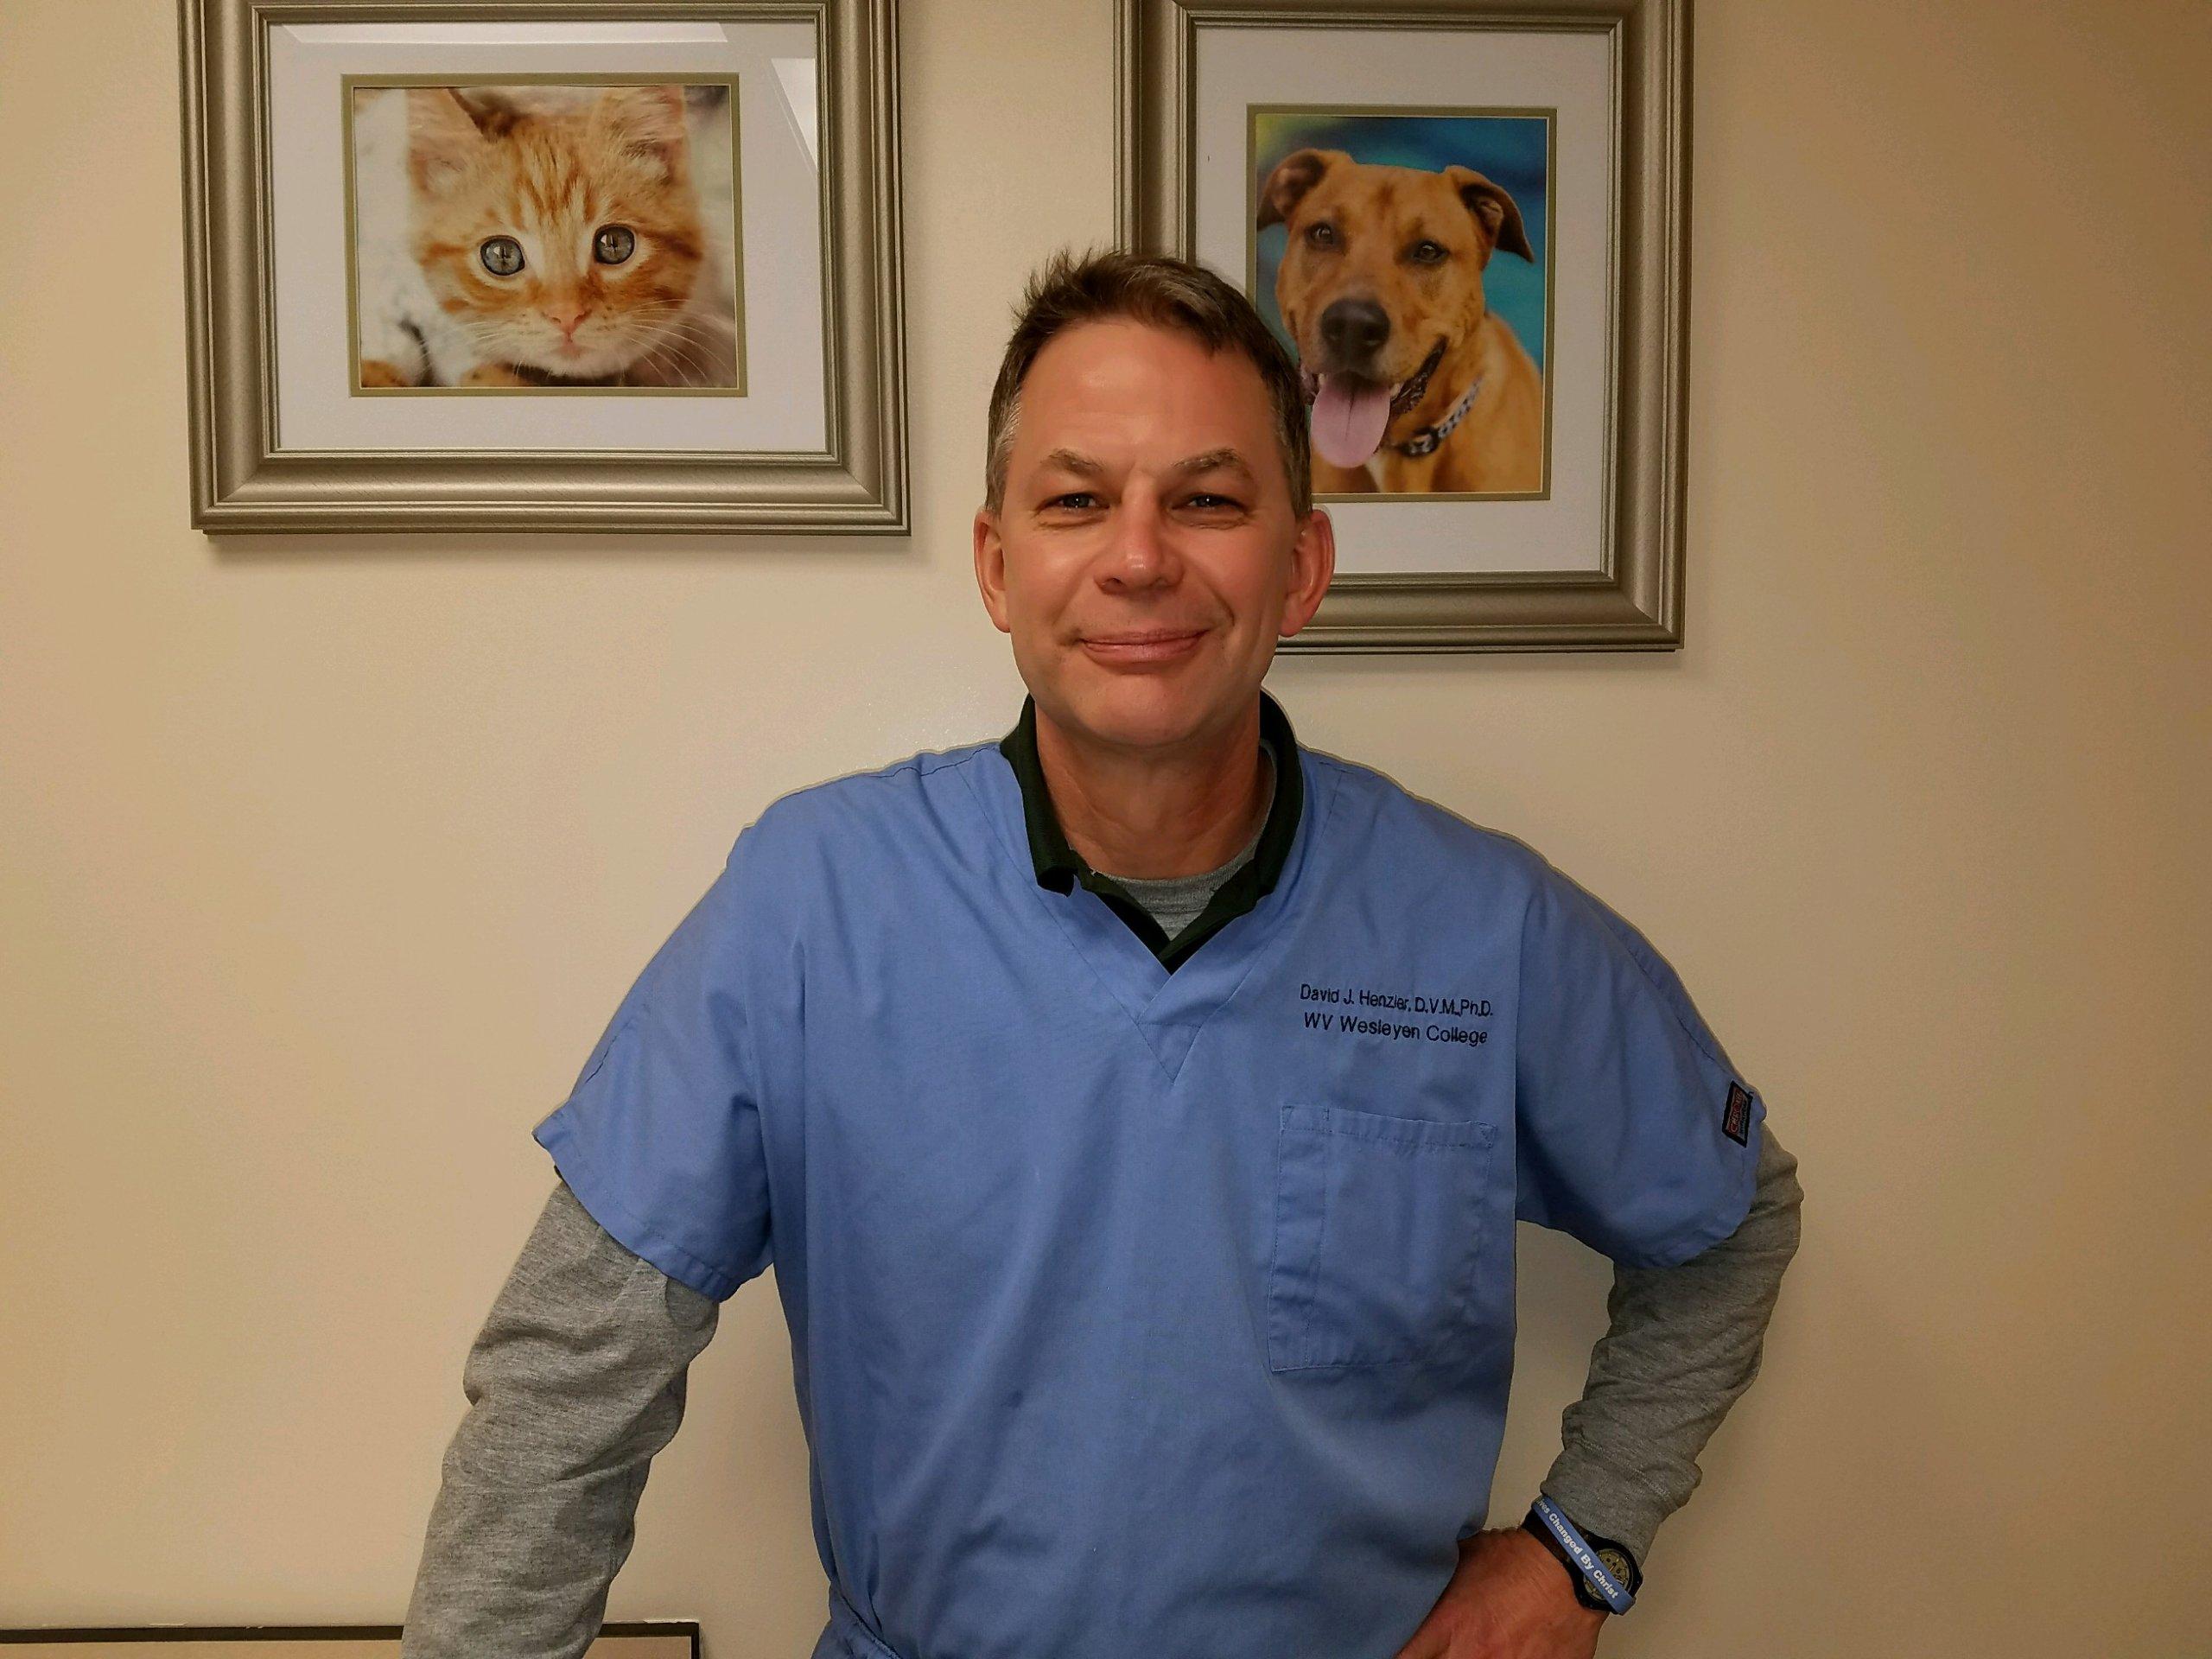 Dr. Henzler